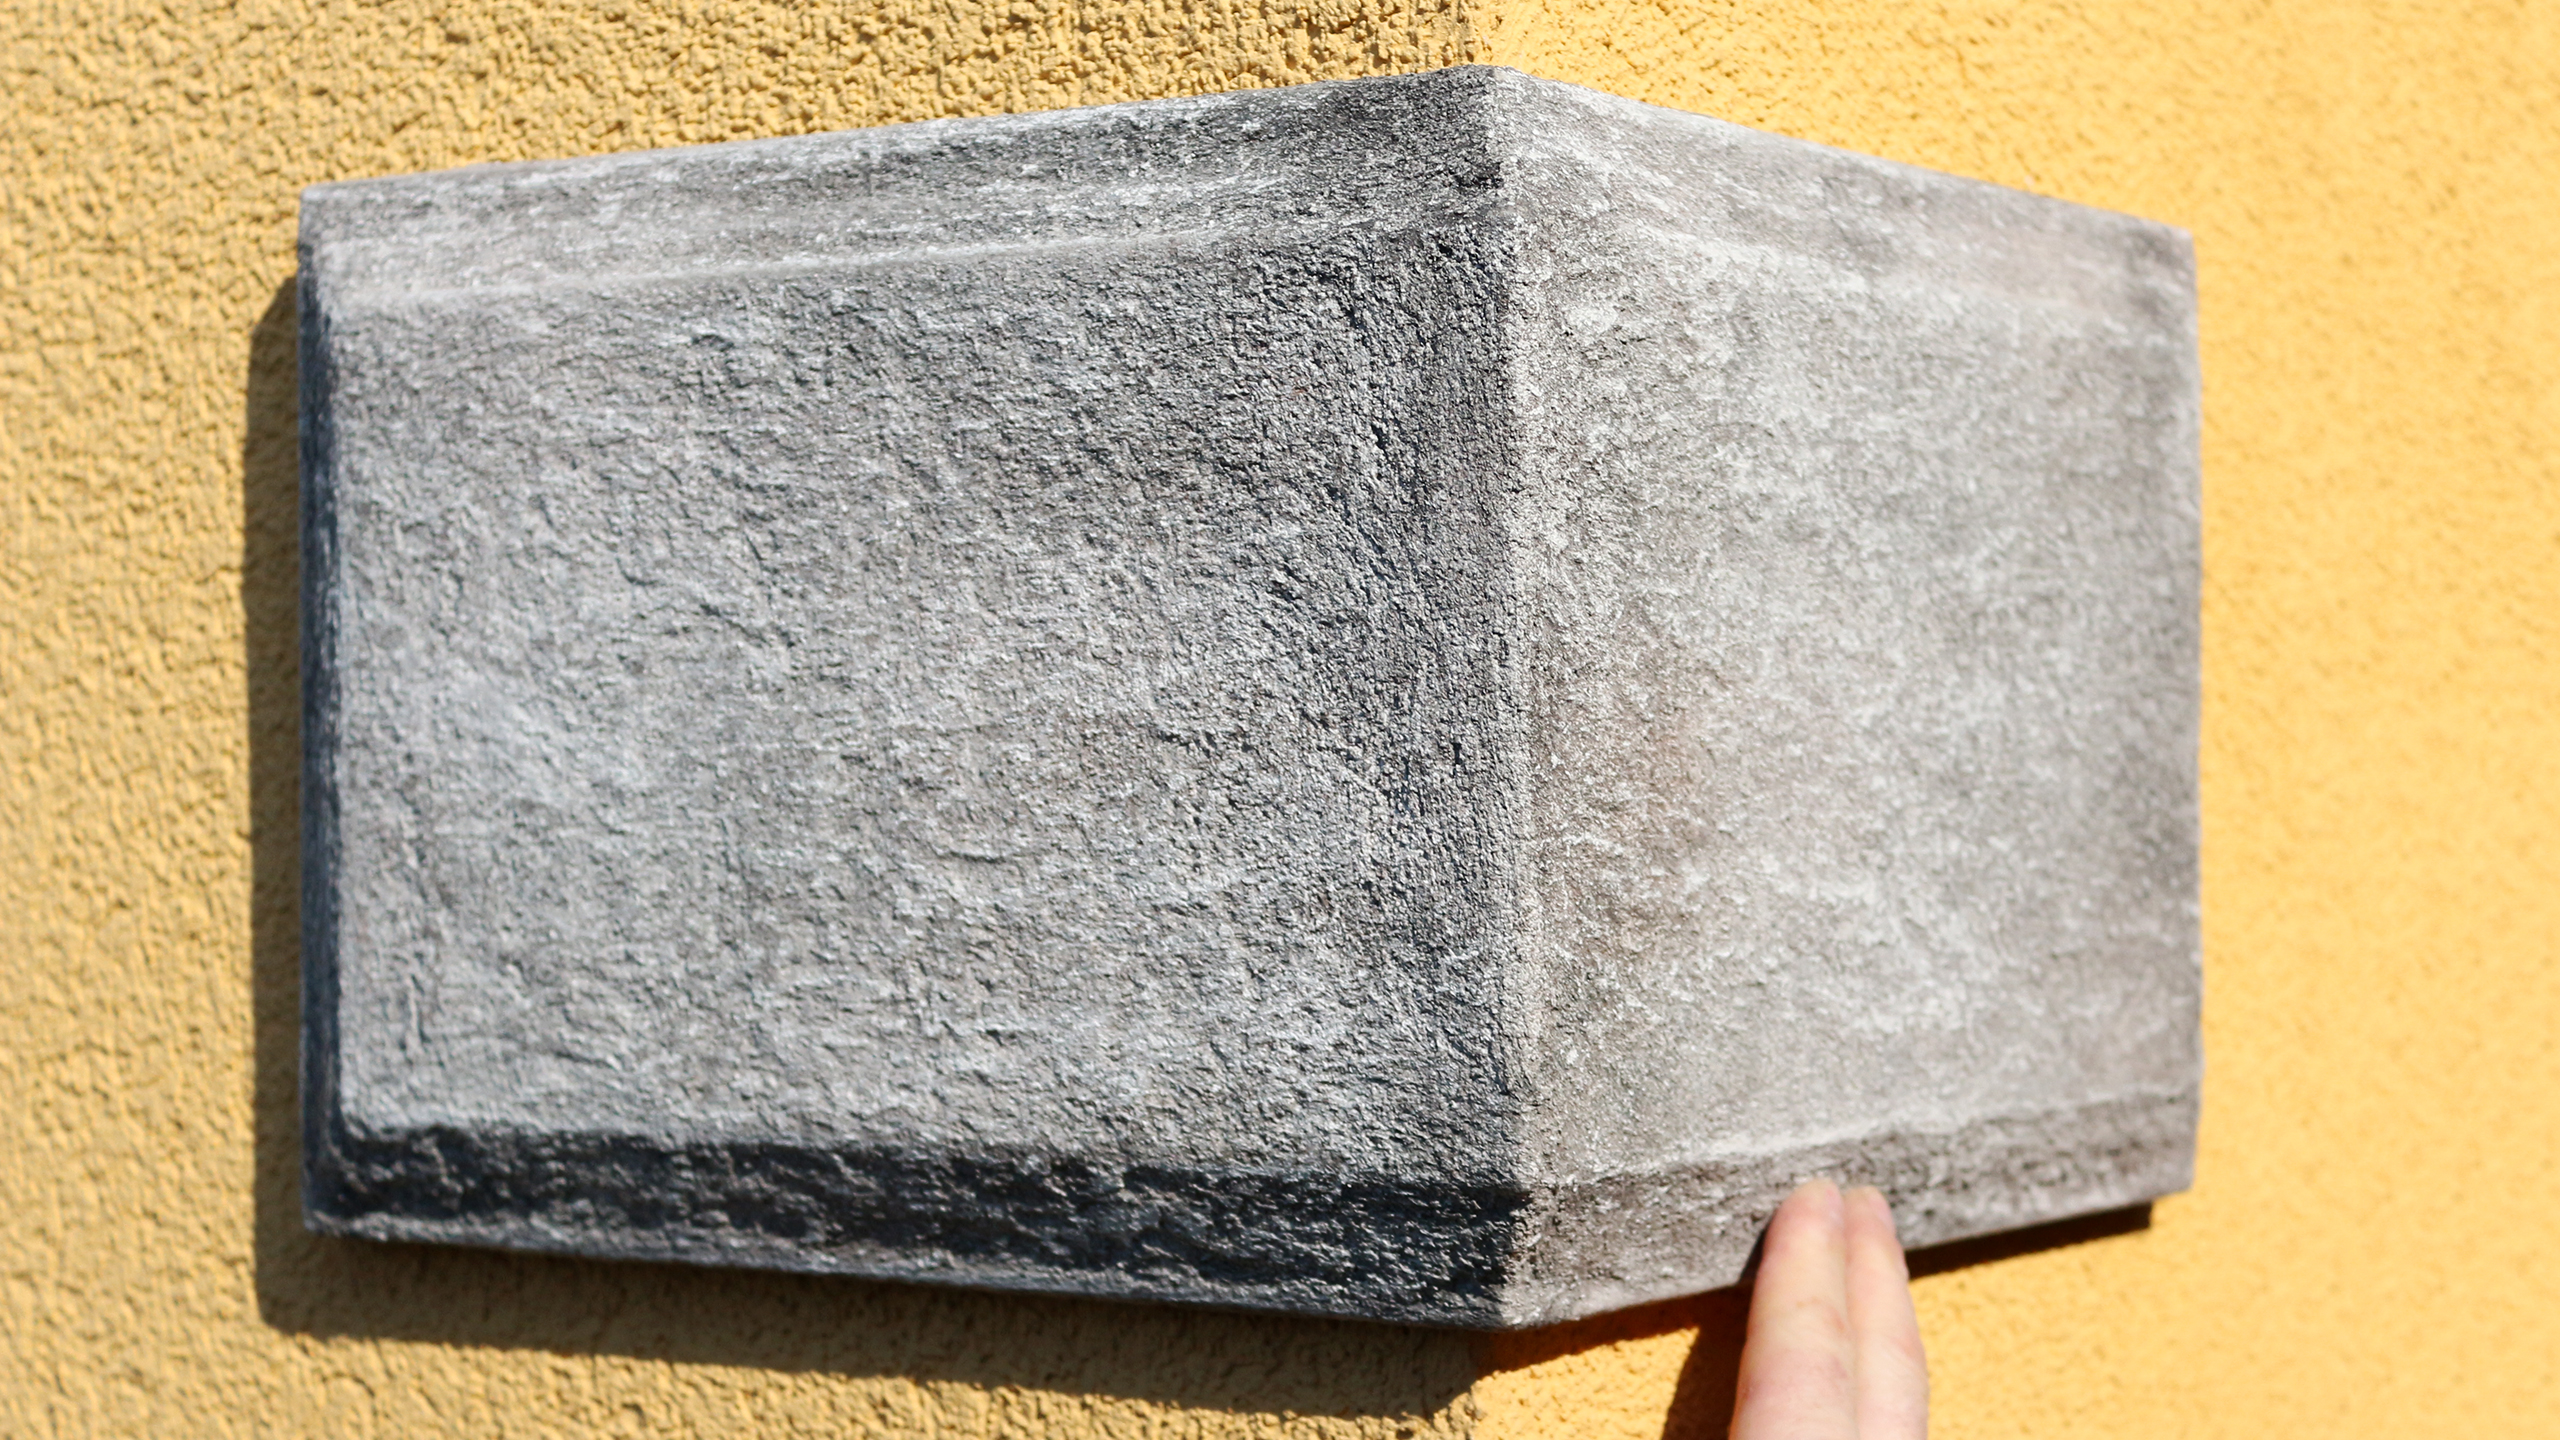 Bossenplatten bzw. Bossenecken